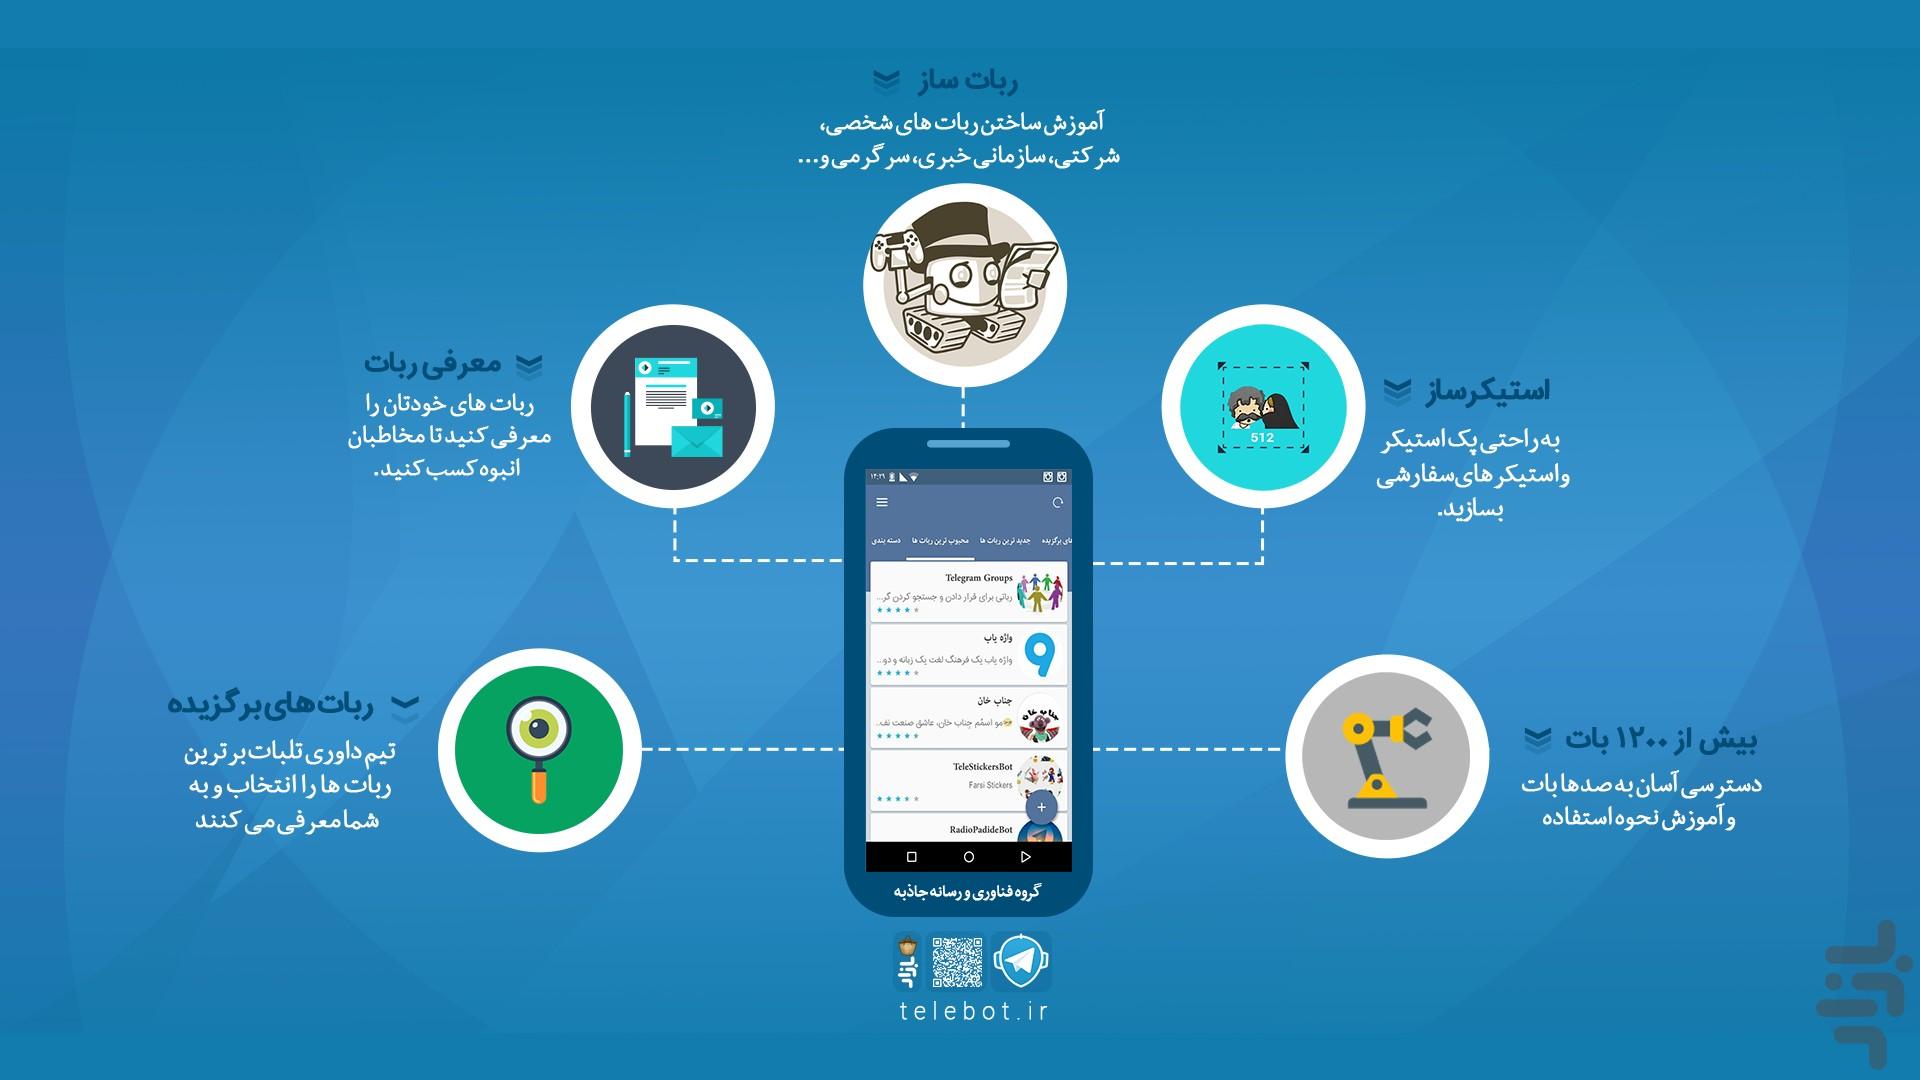 ربات+تلگرام+دوست+یابی